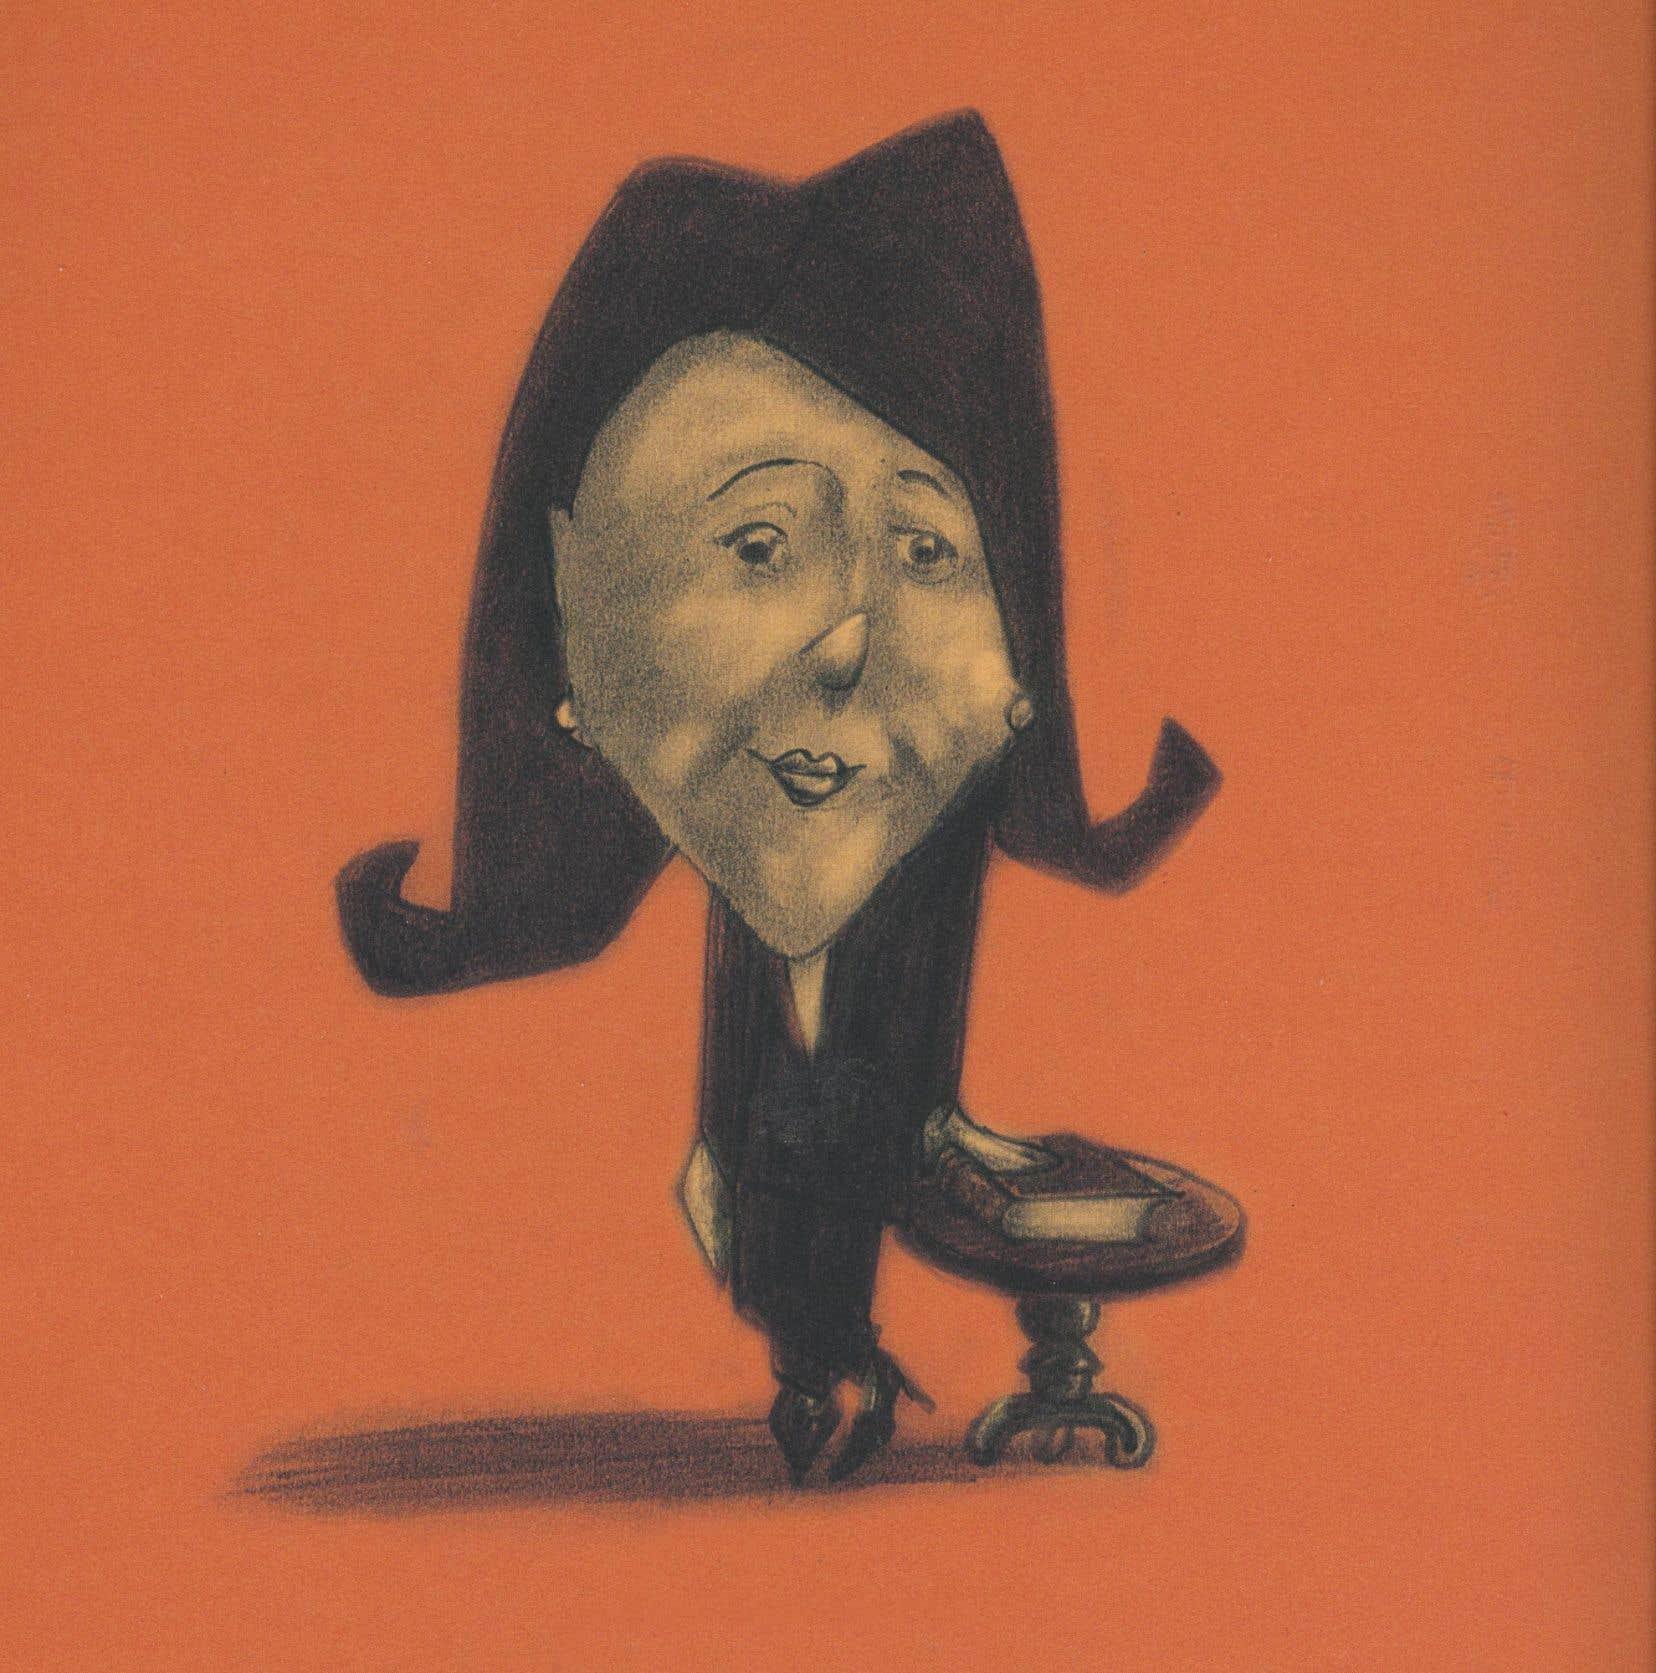 La ministre de la Culture illustrée sur la couverture du livre